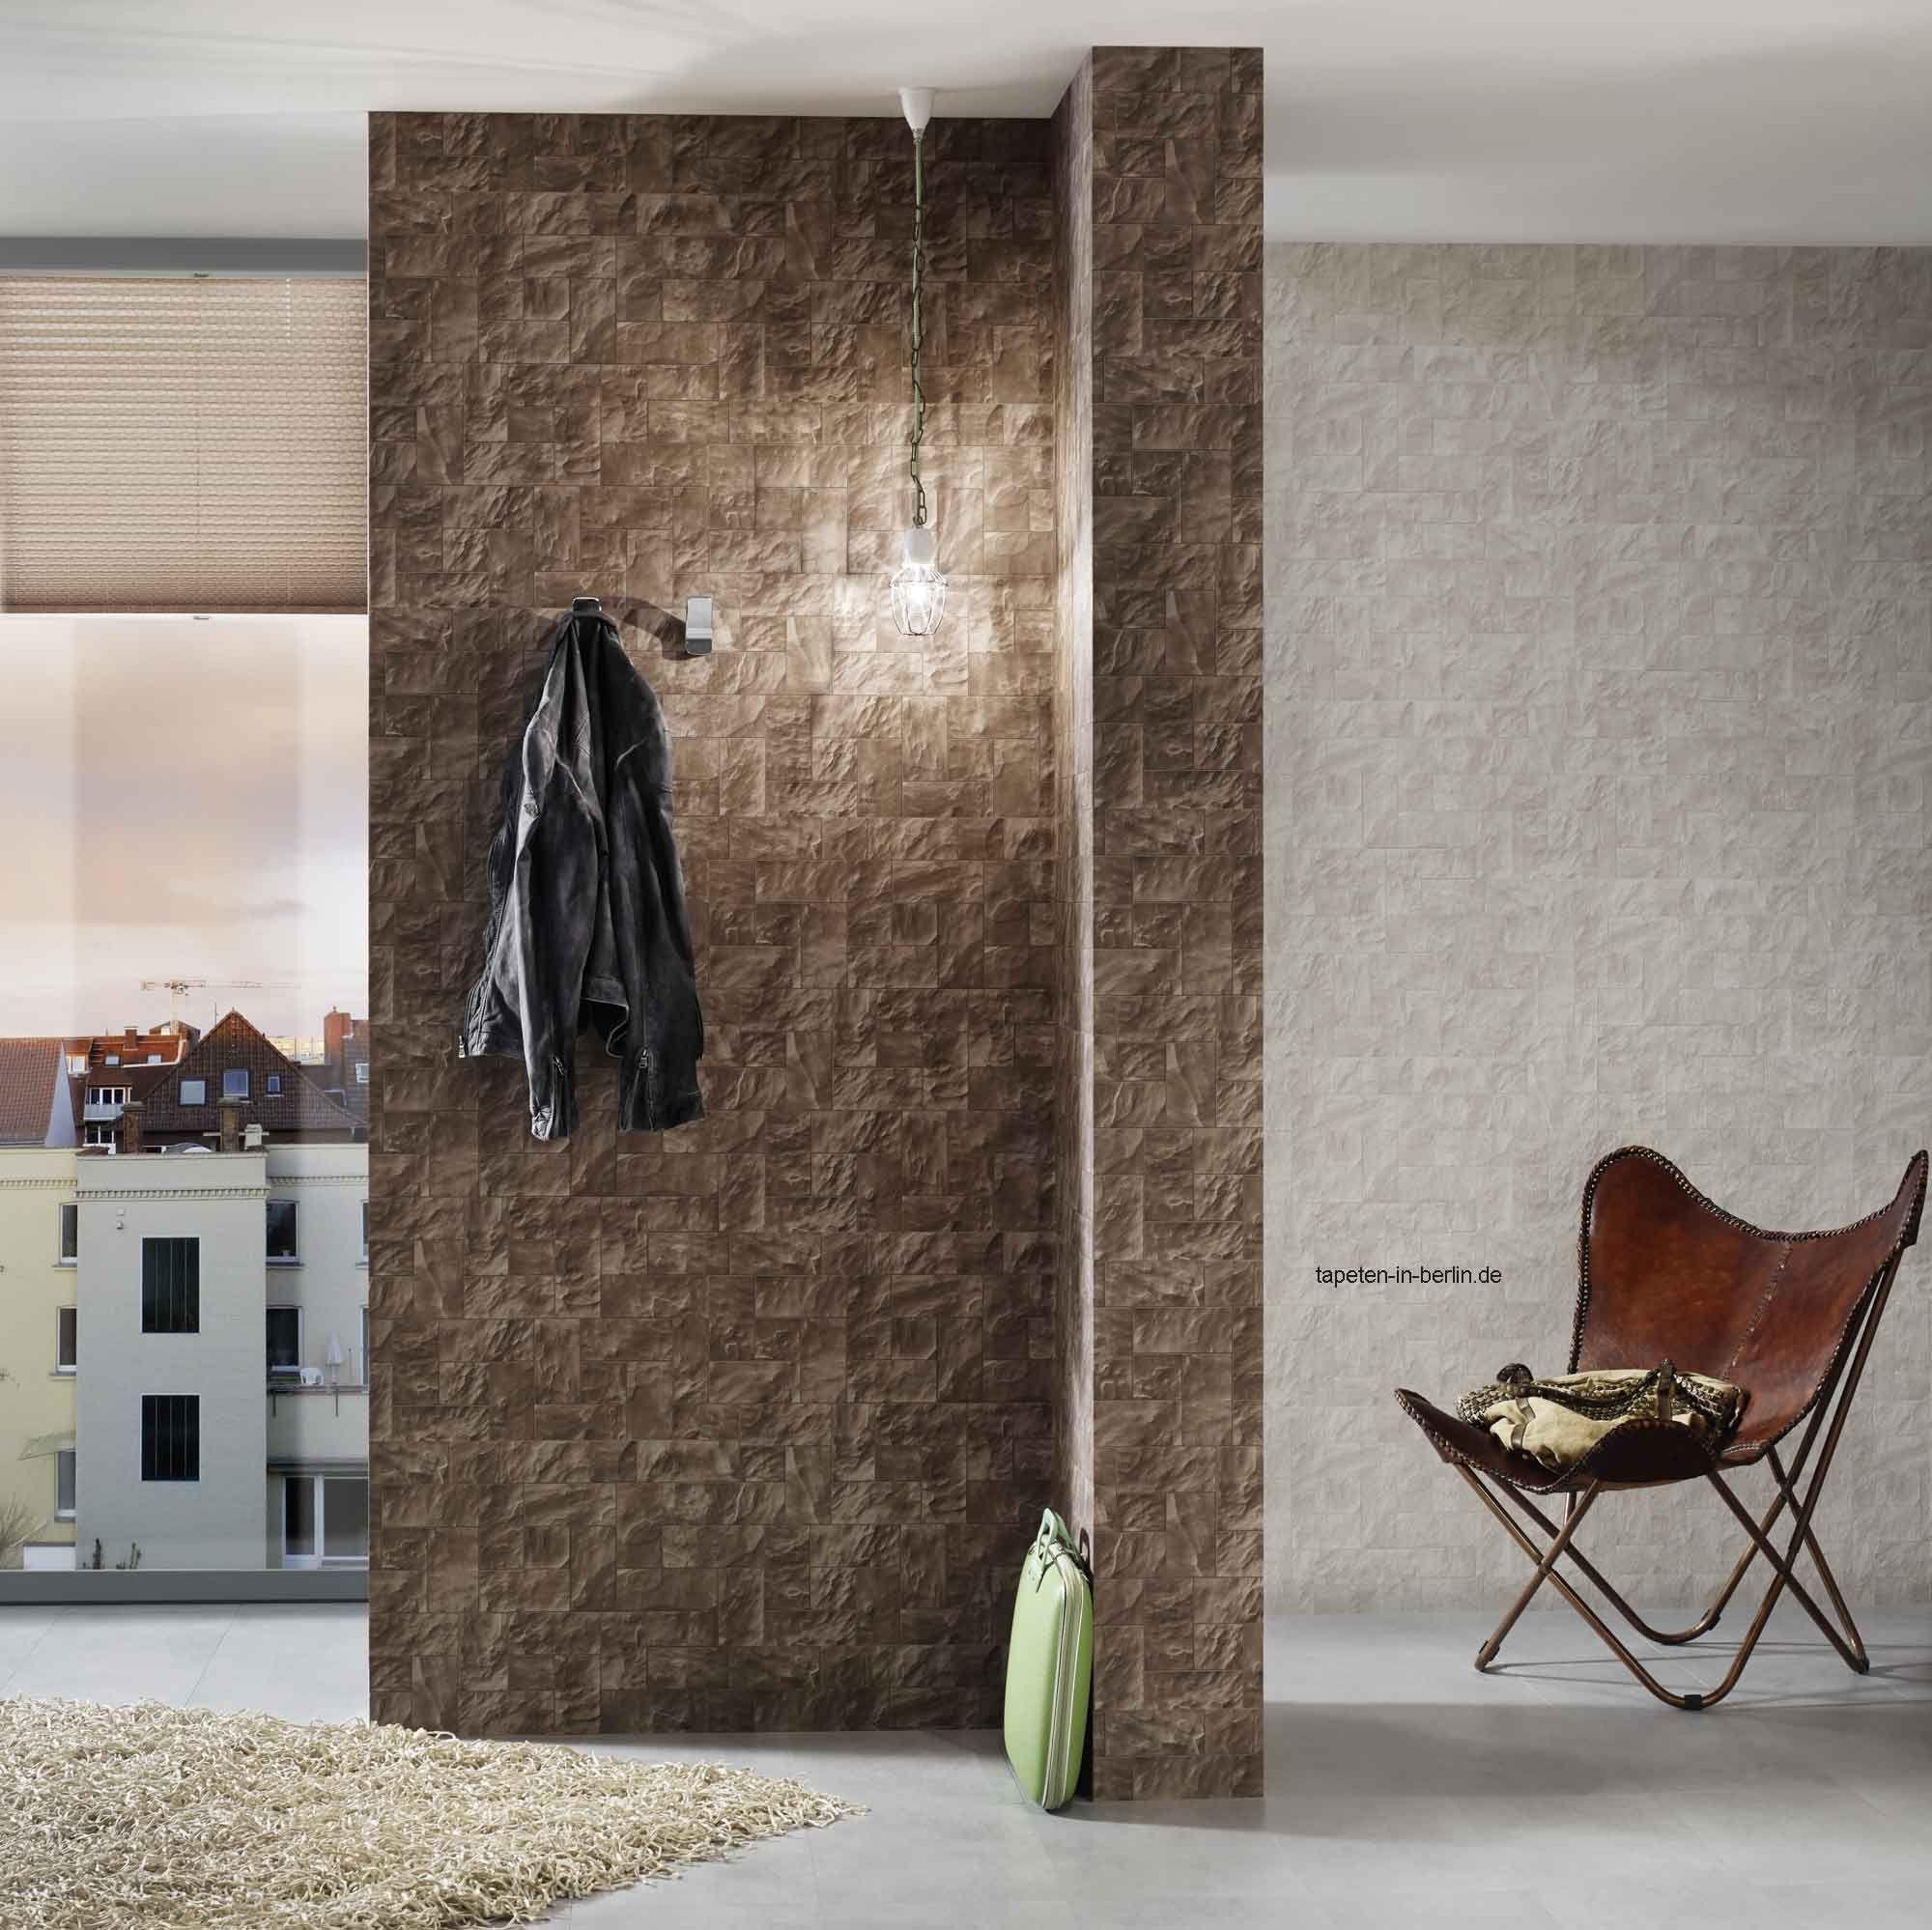 Wandgestaltung Mit Tapete In Stein Optik, Braune Steintapete Online Kaufen